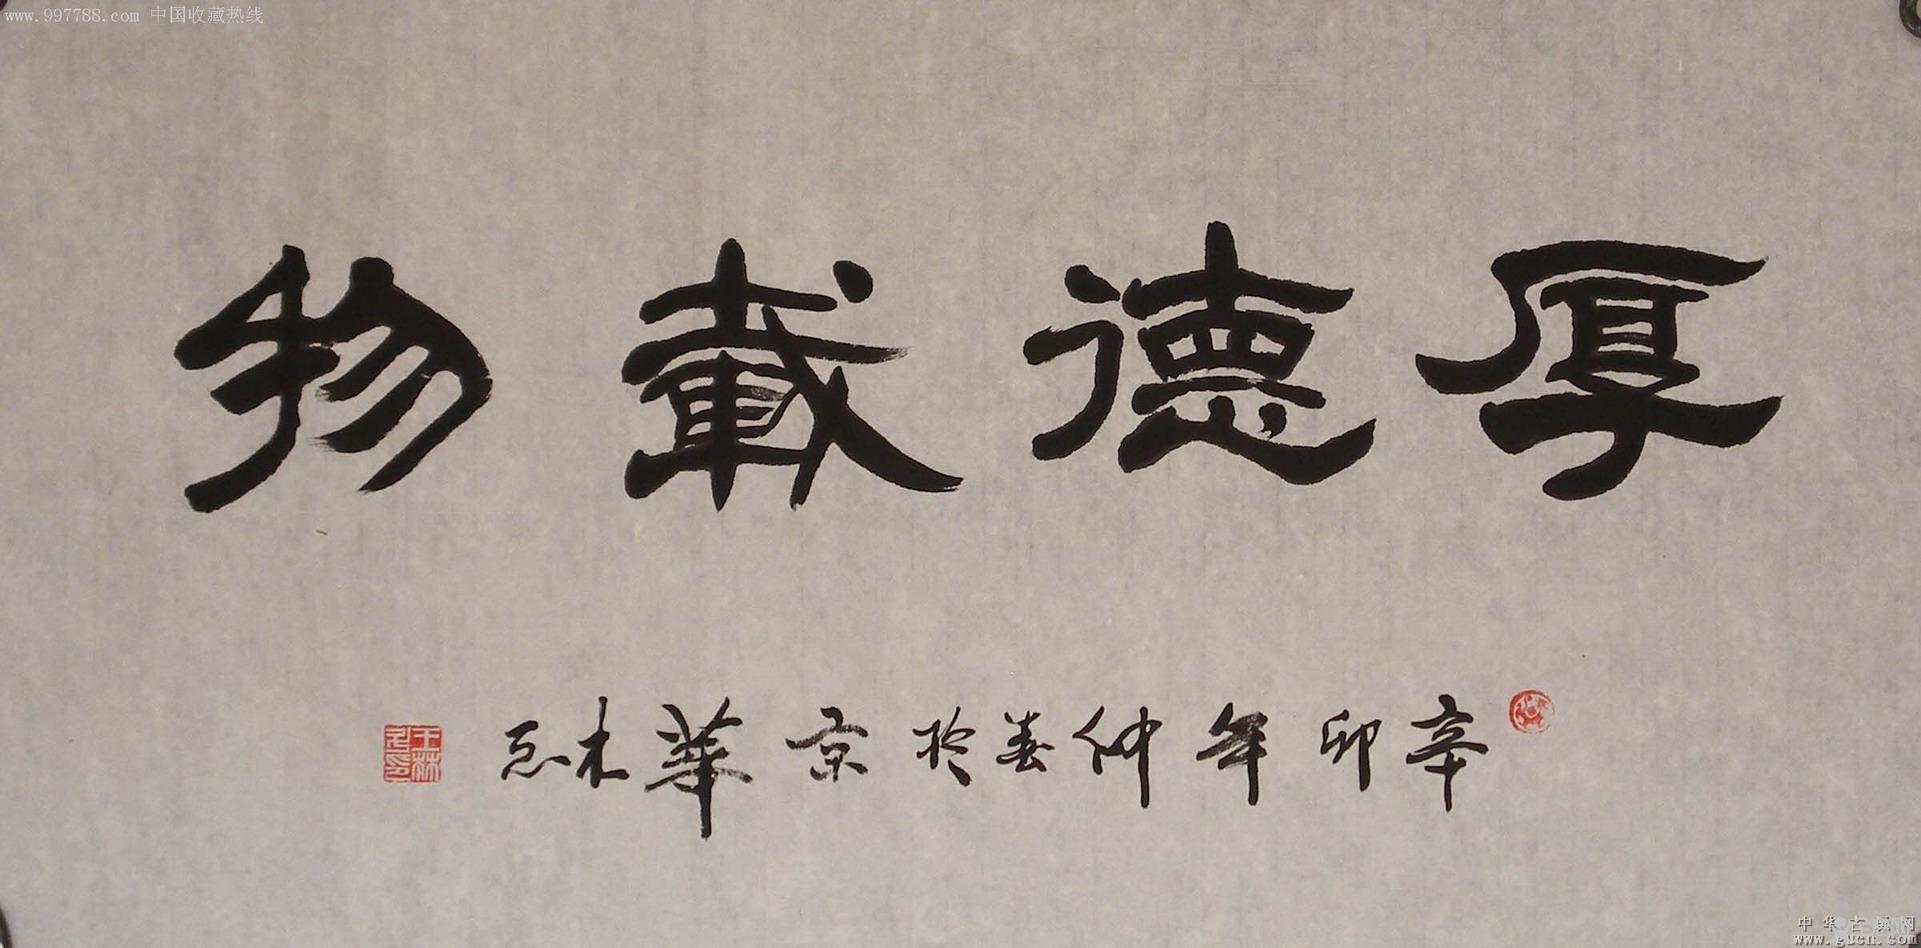 潍坊市美术馆展出100幅隶书新作 展览持续至12月10日